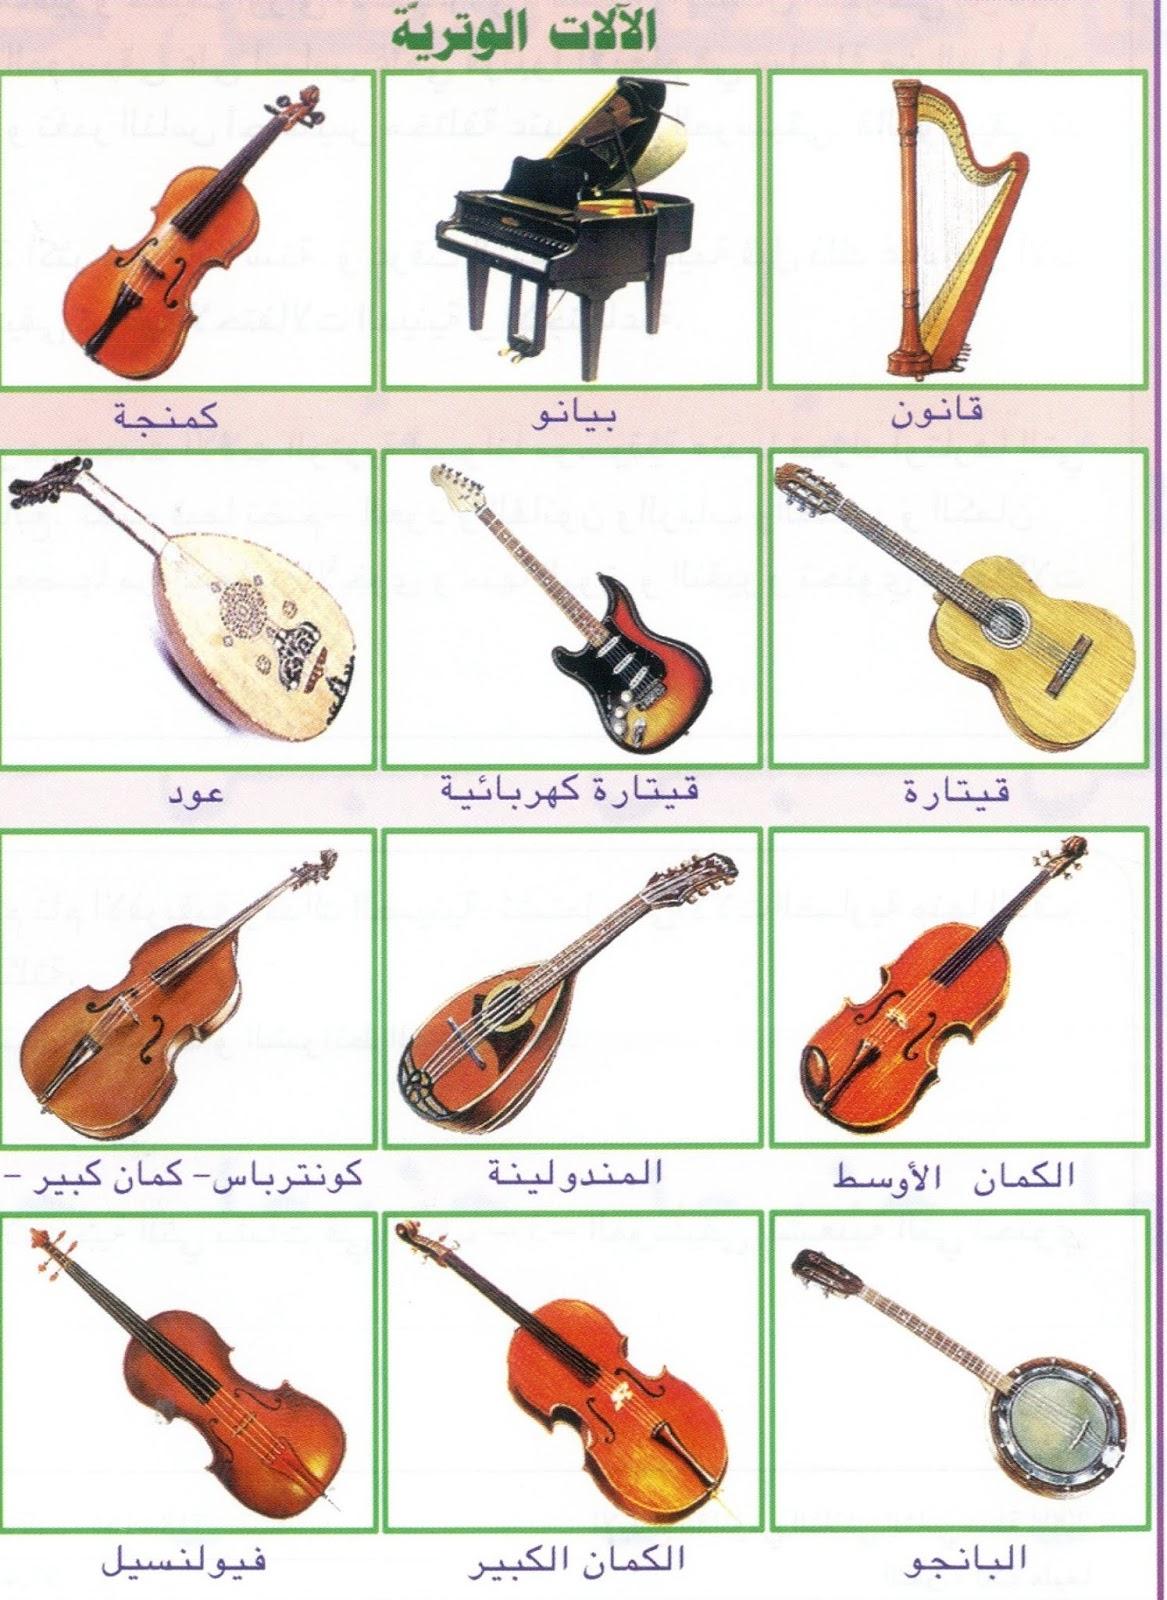 التشويق تموجات كلية اسماء الالات الموسيقية بالصور بالعربي Sjvbca Org